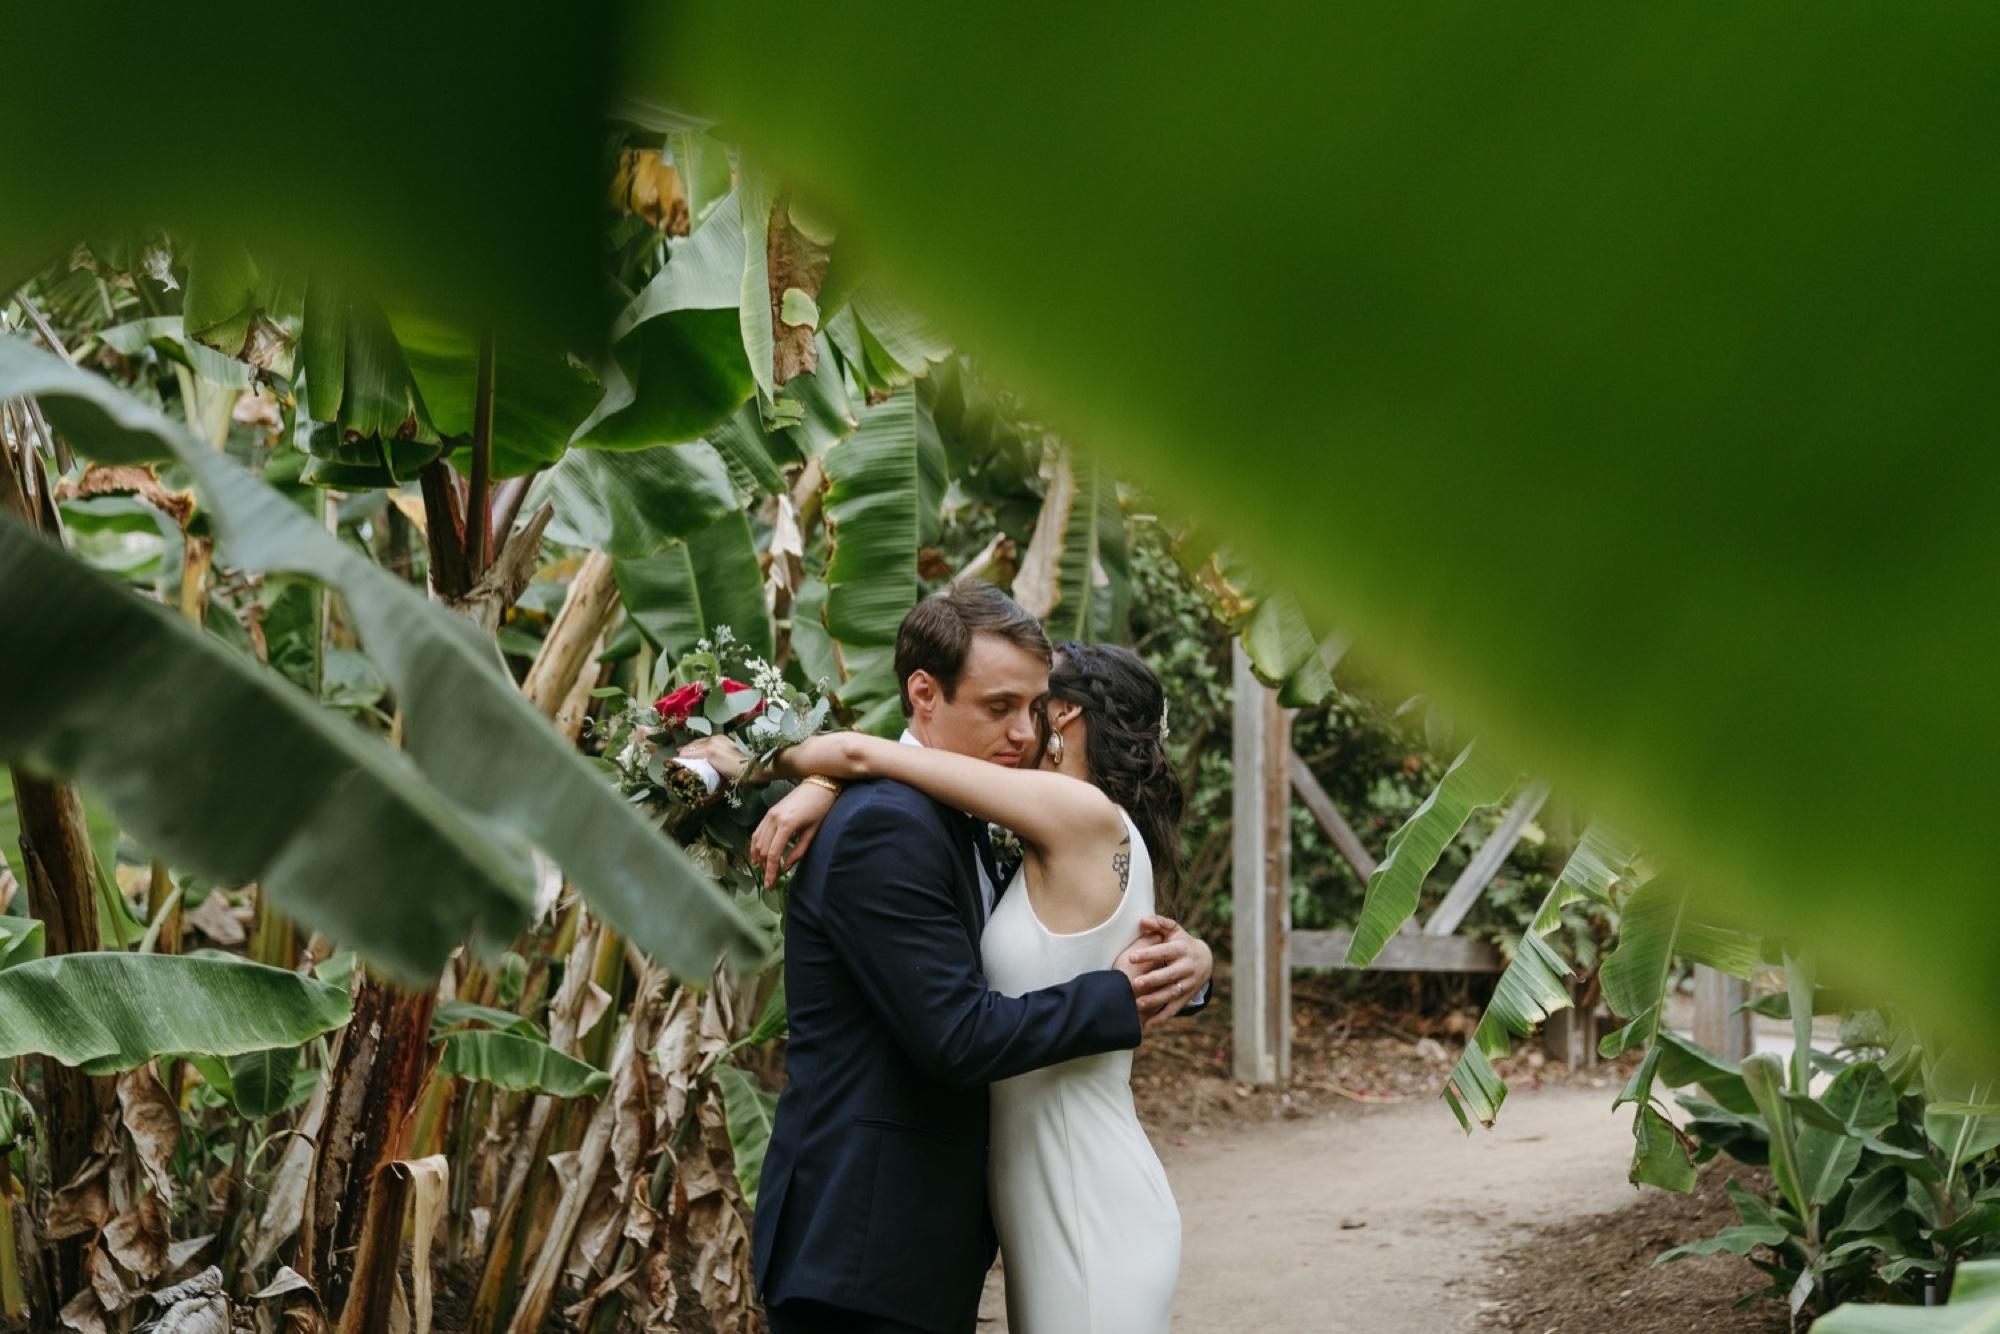 078_Shawna and Steve's Wedding-511.jpg